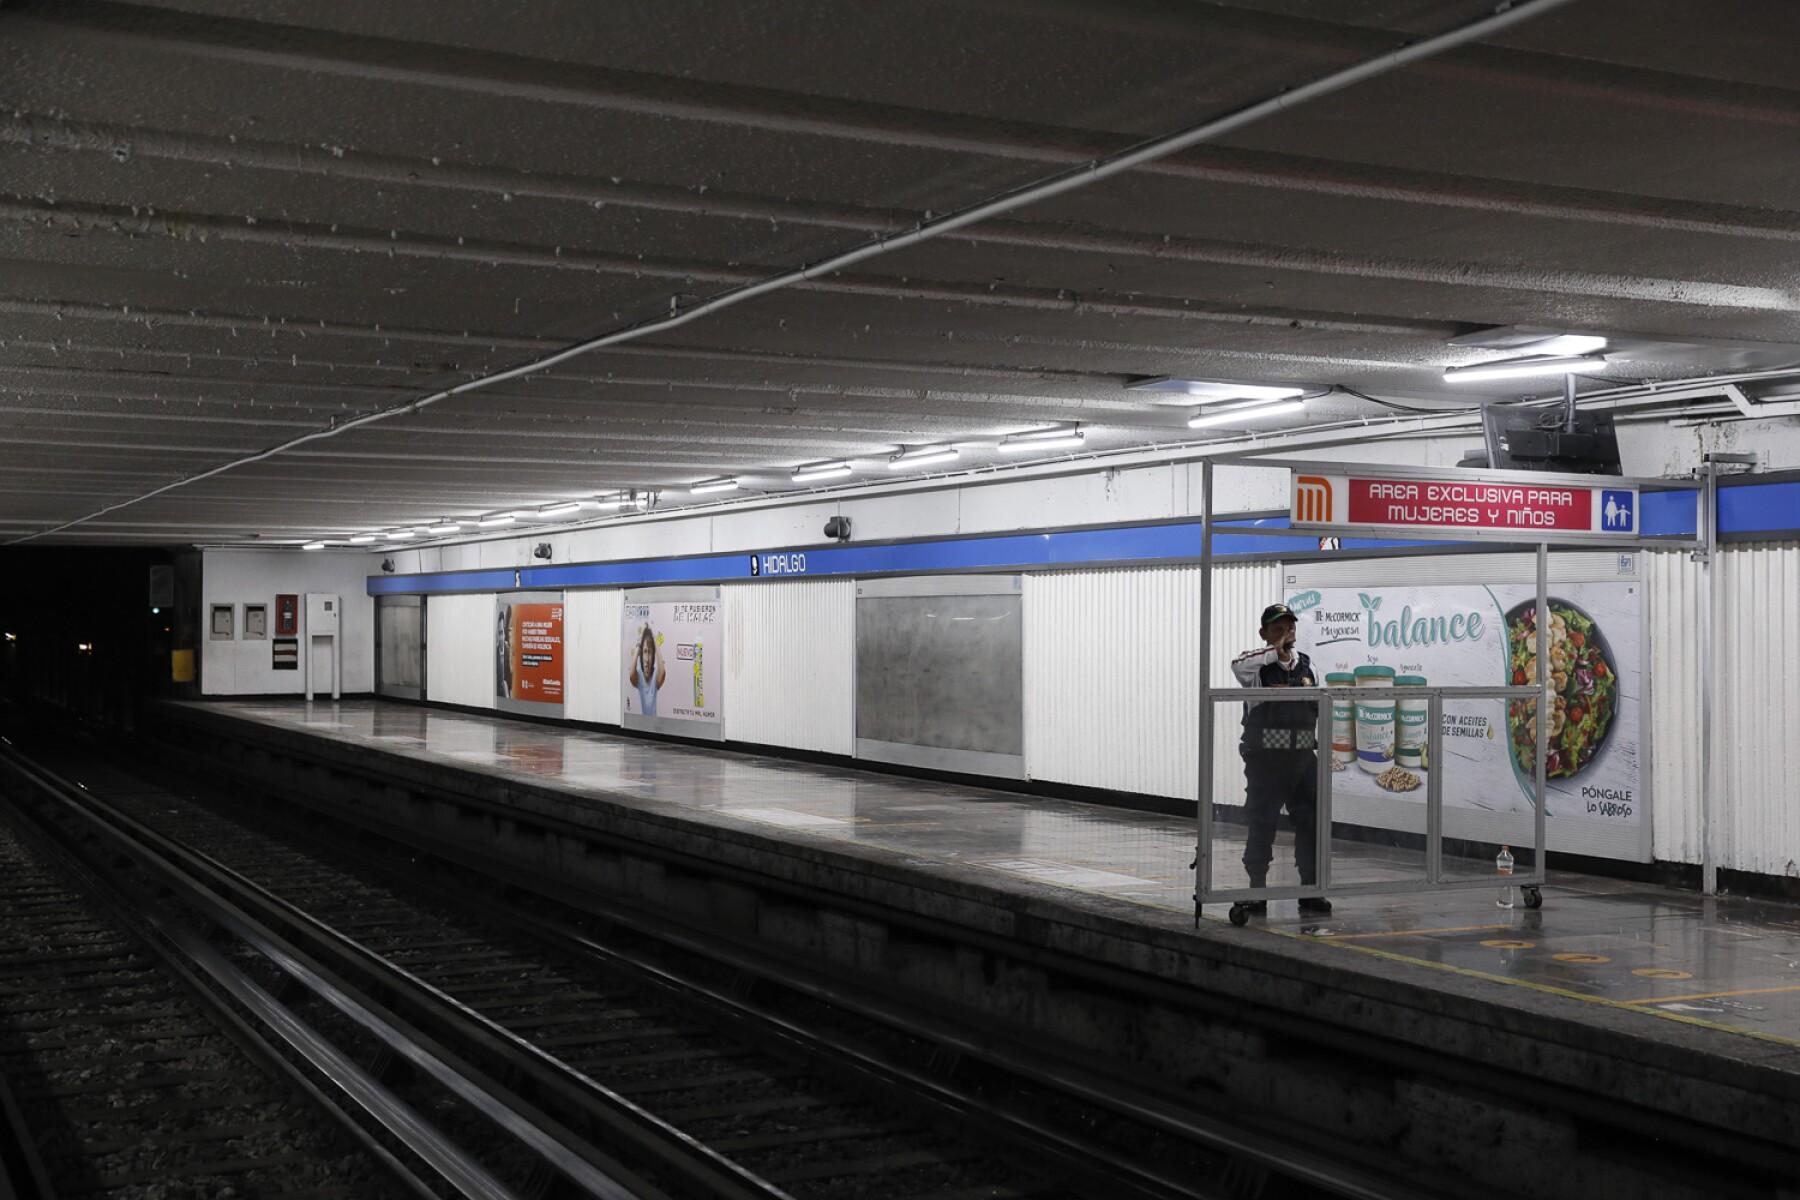 Pasillos del Metro.jpg